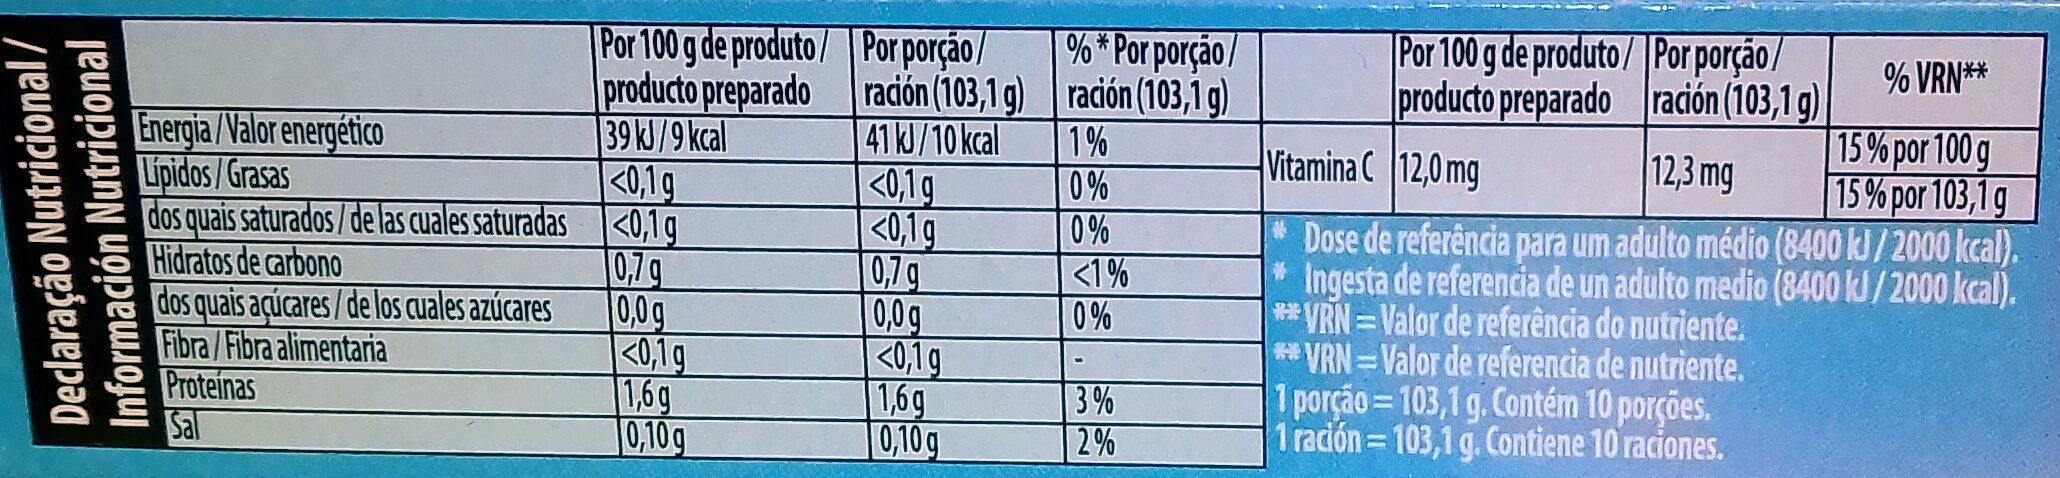 Gelatina sabor Arándano - Información nutricional - es